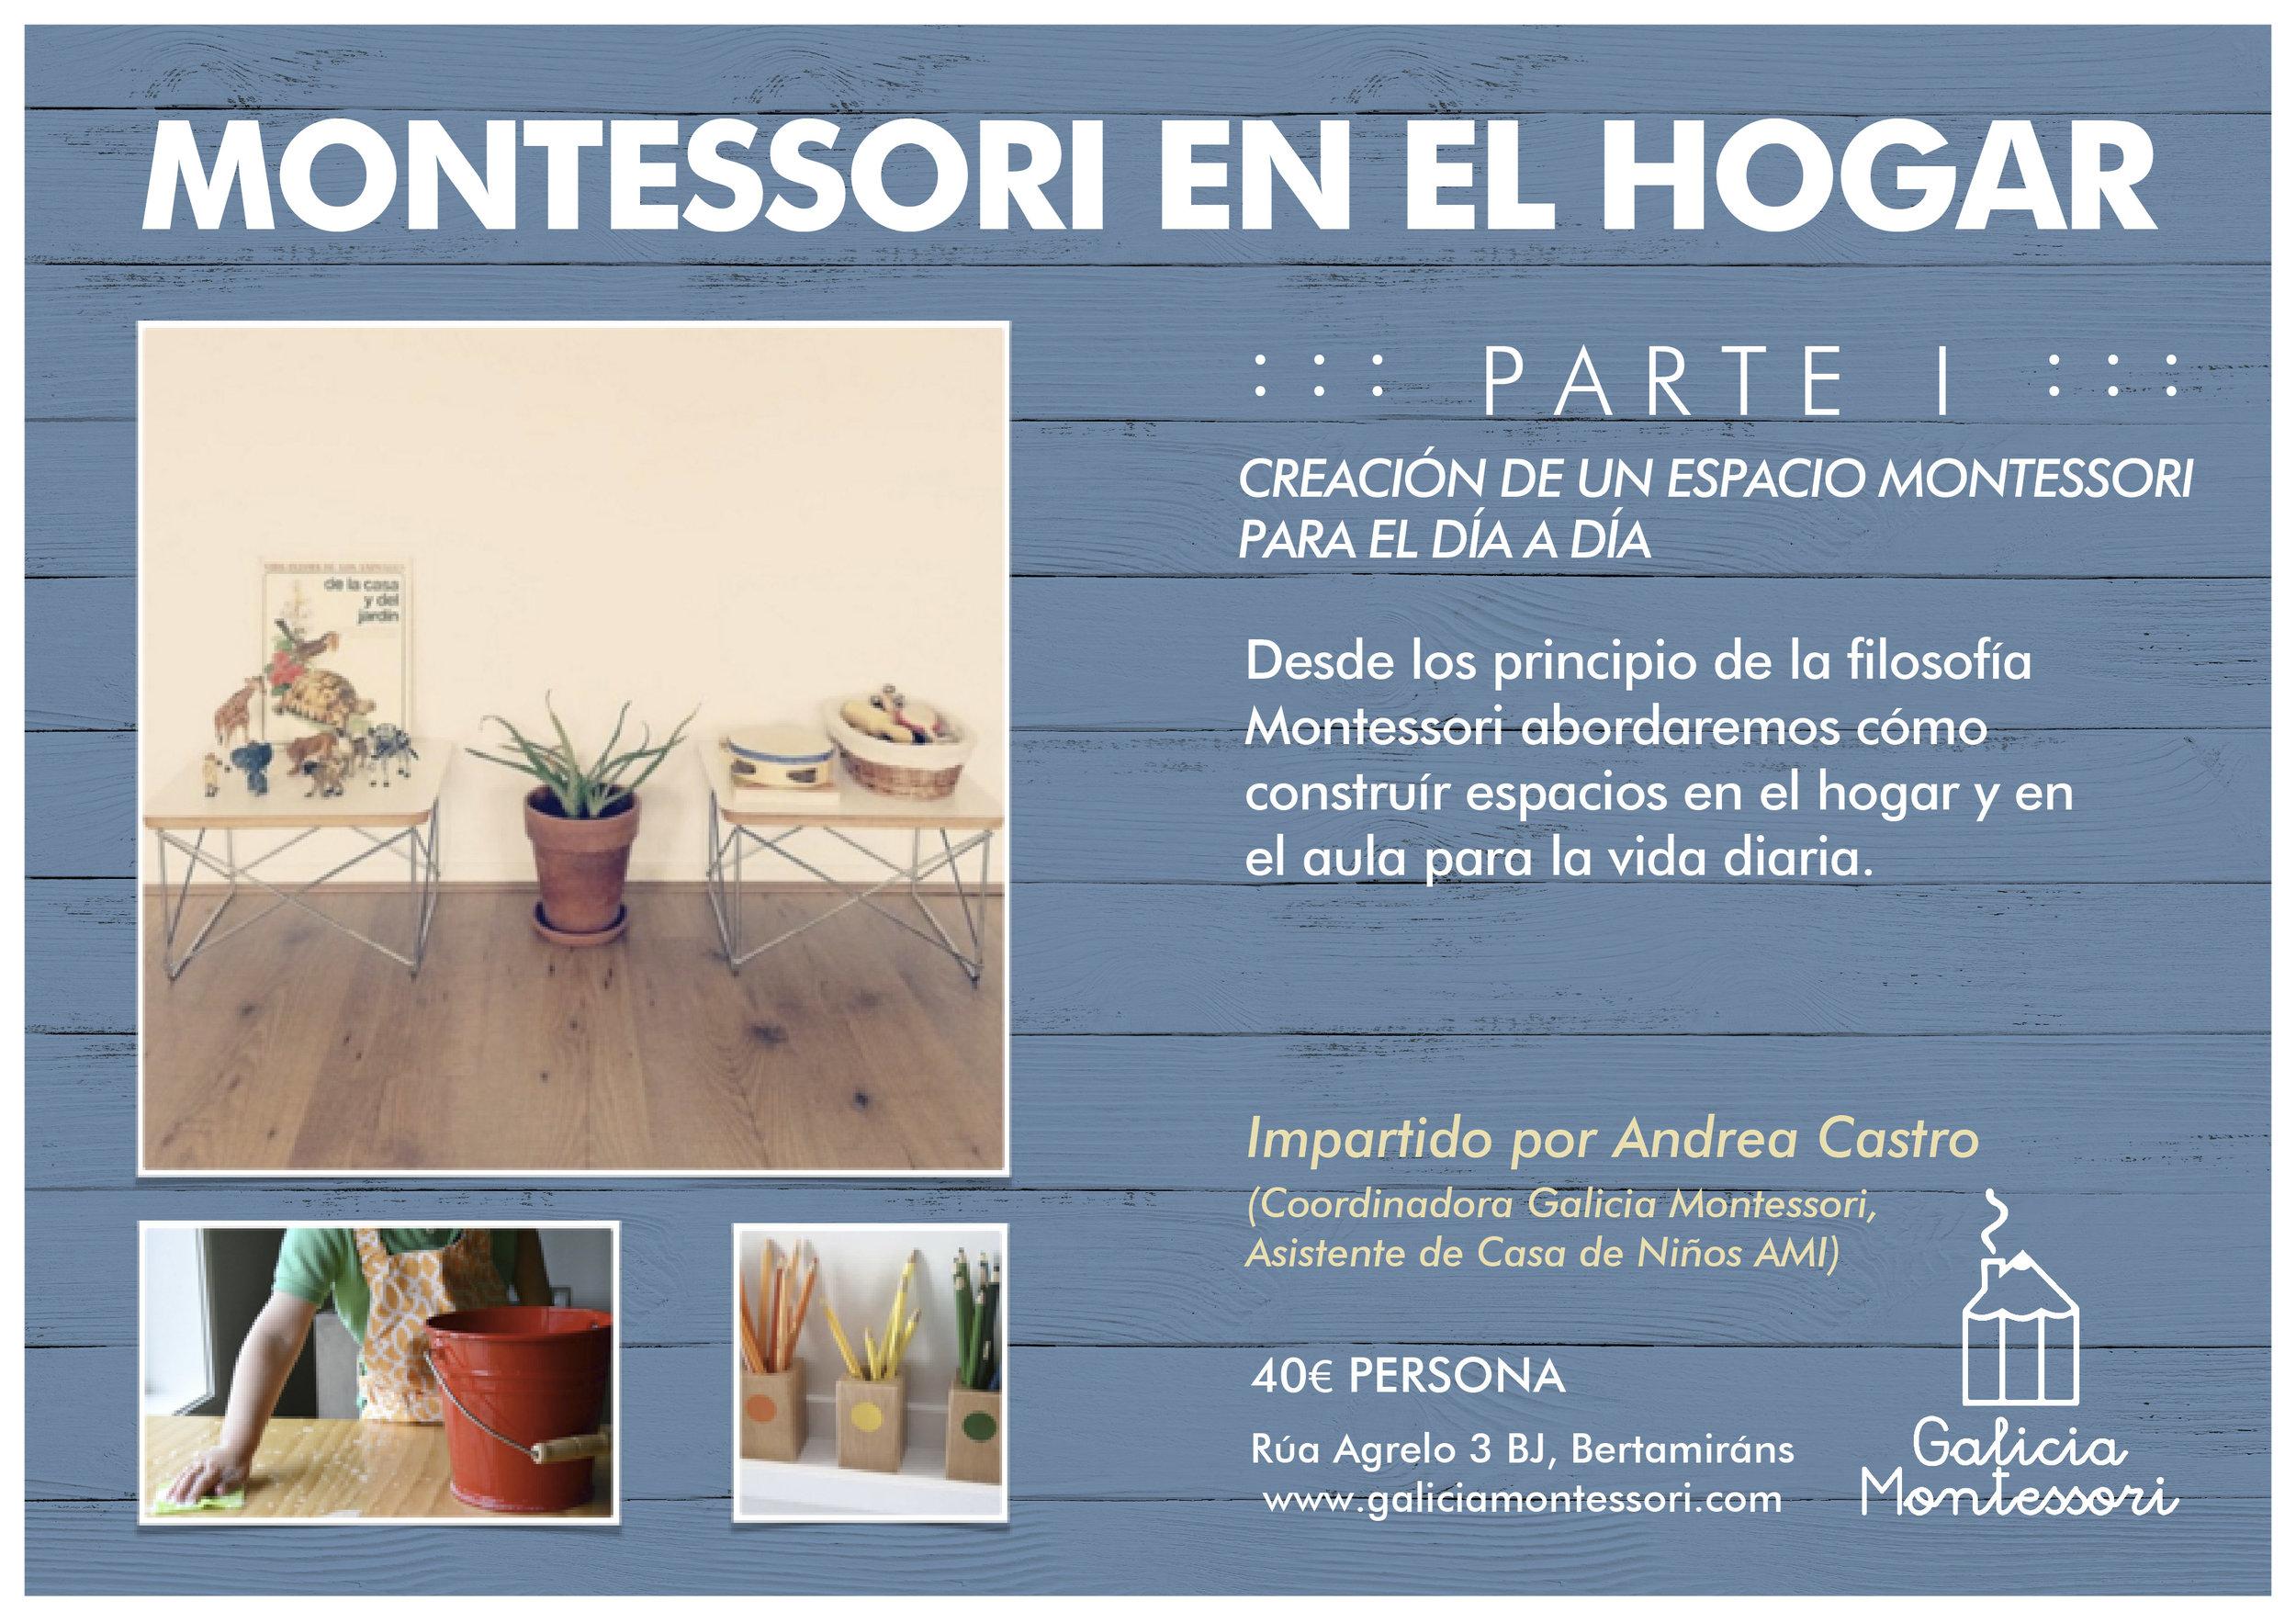 Montessori en el hogar 05/10